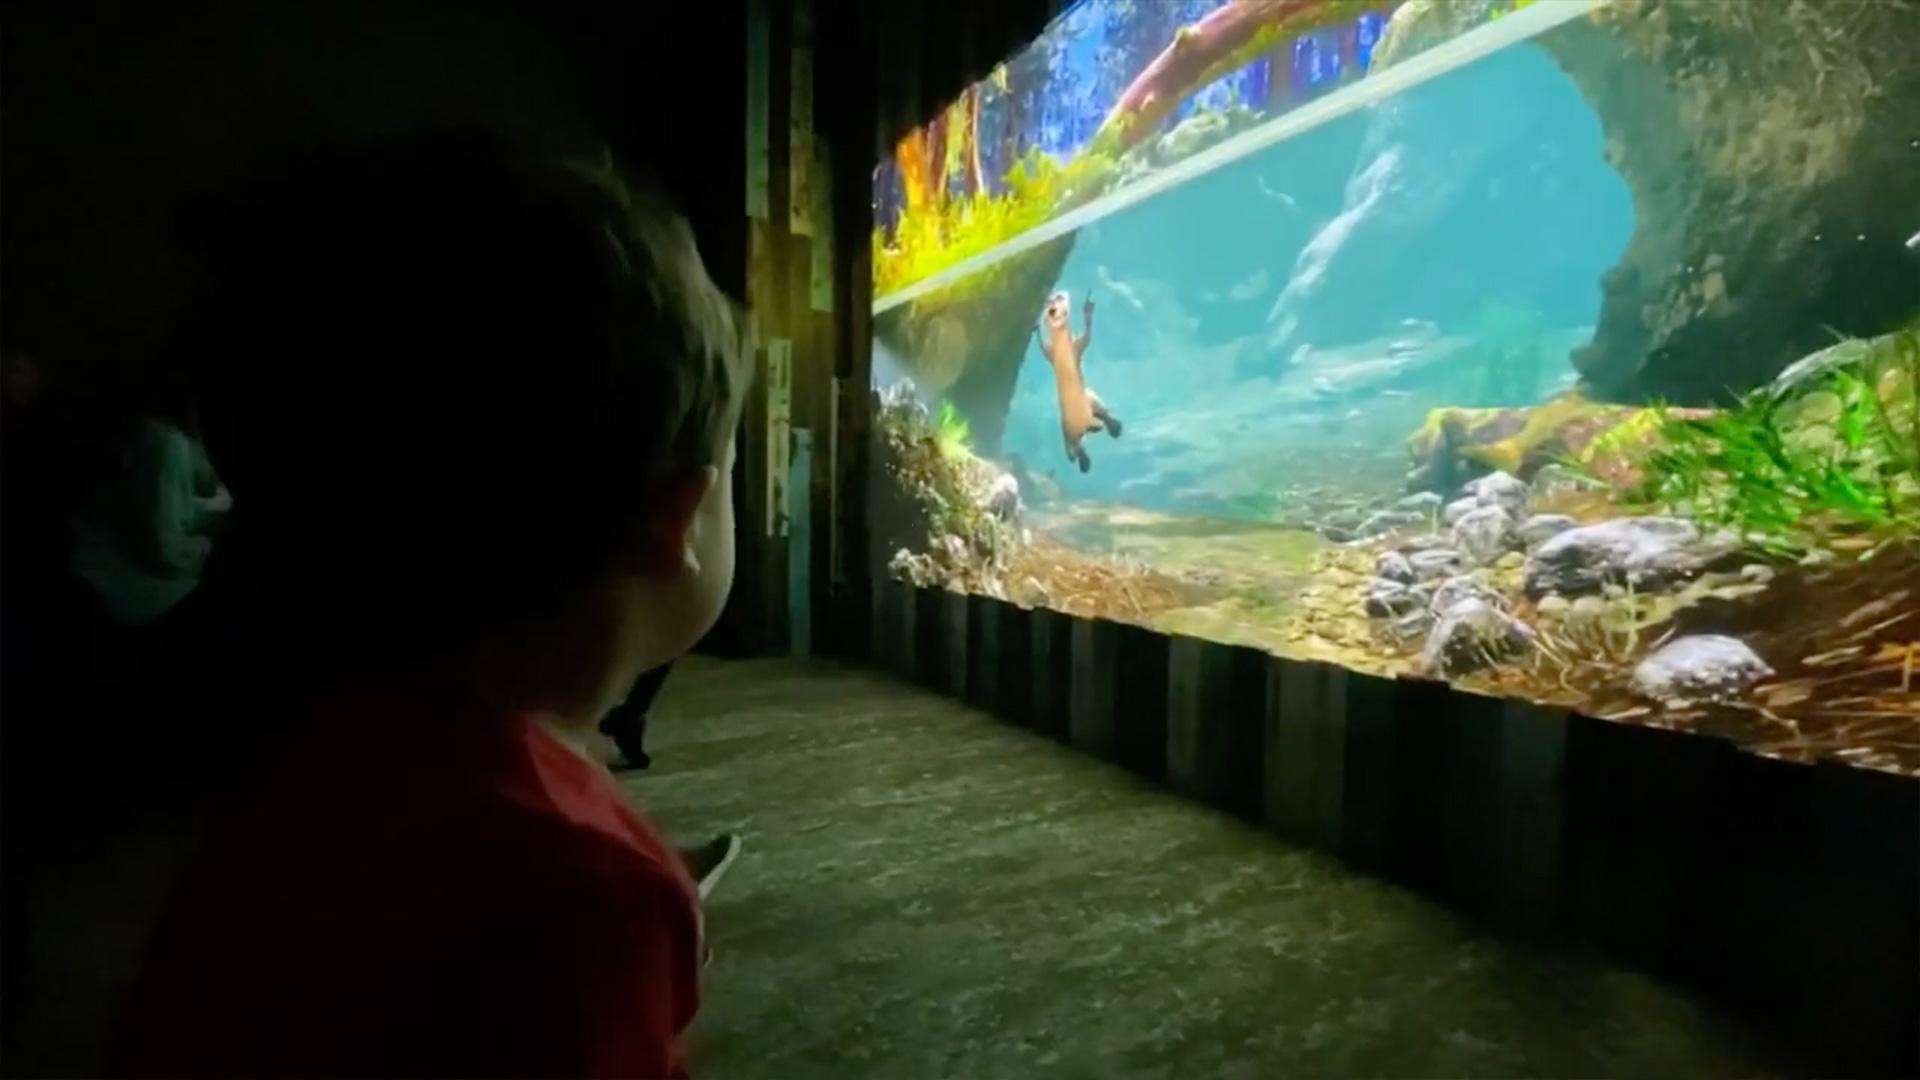 St. Louis Aquarium